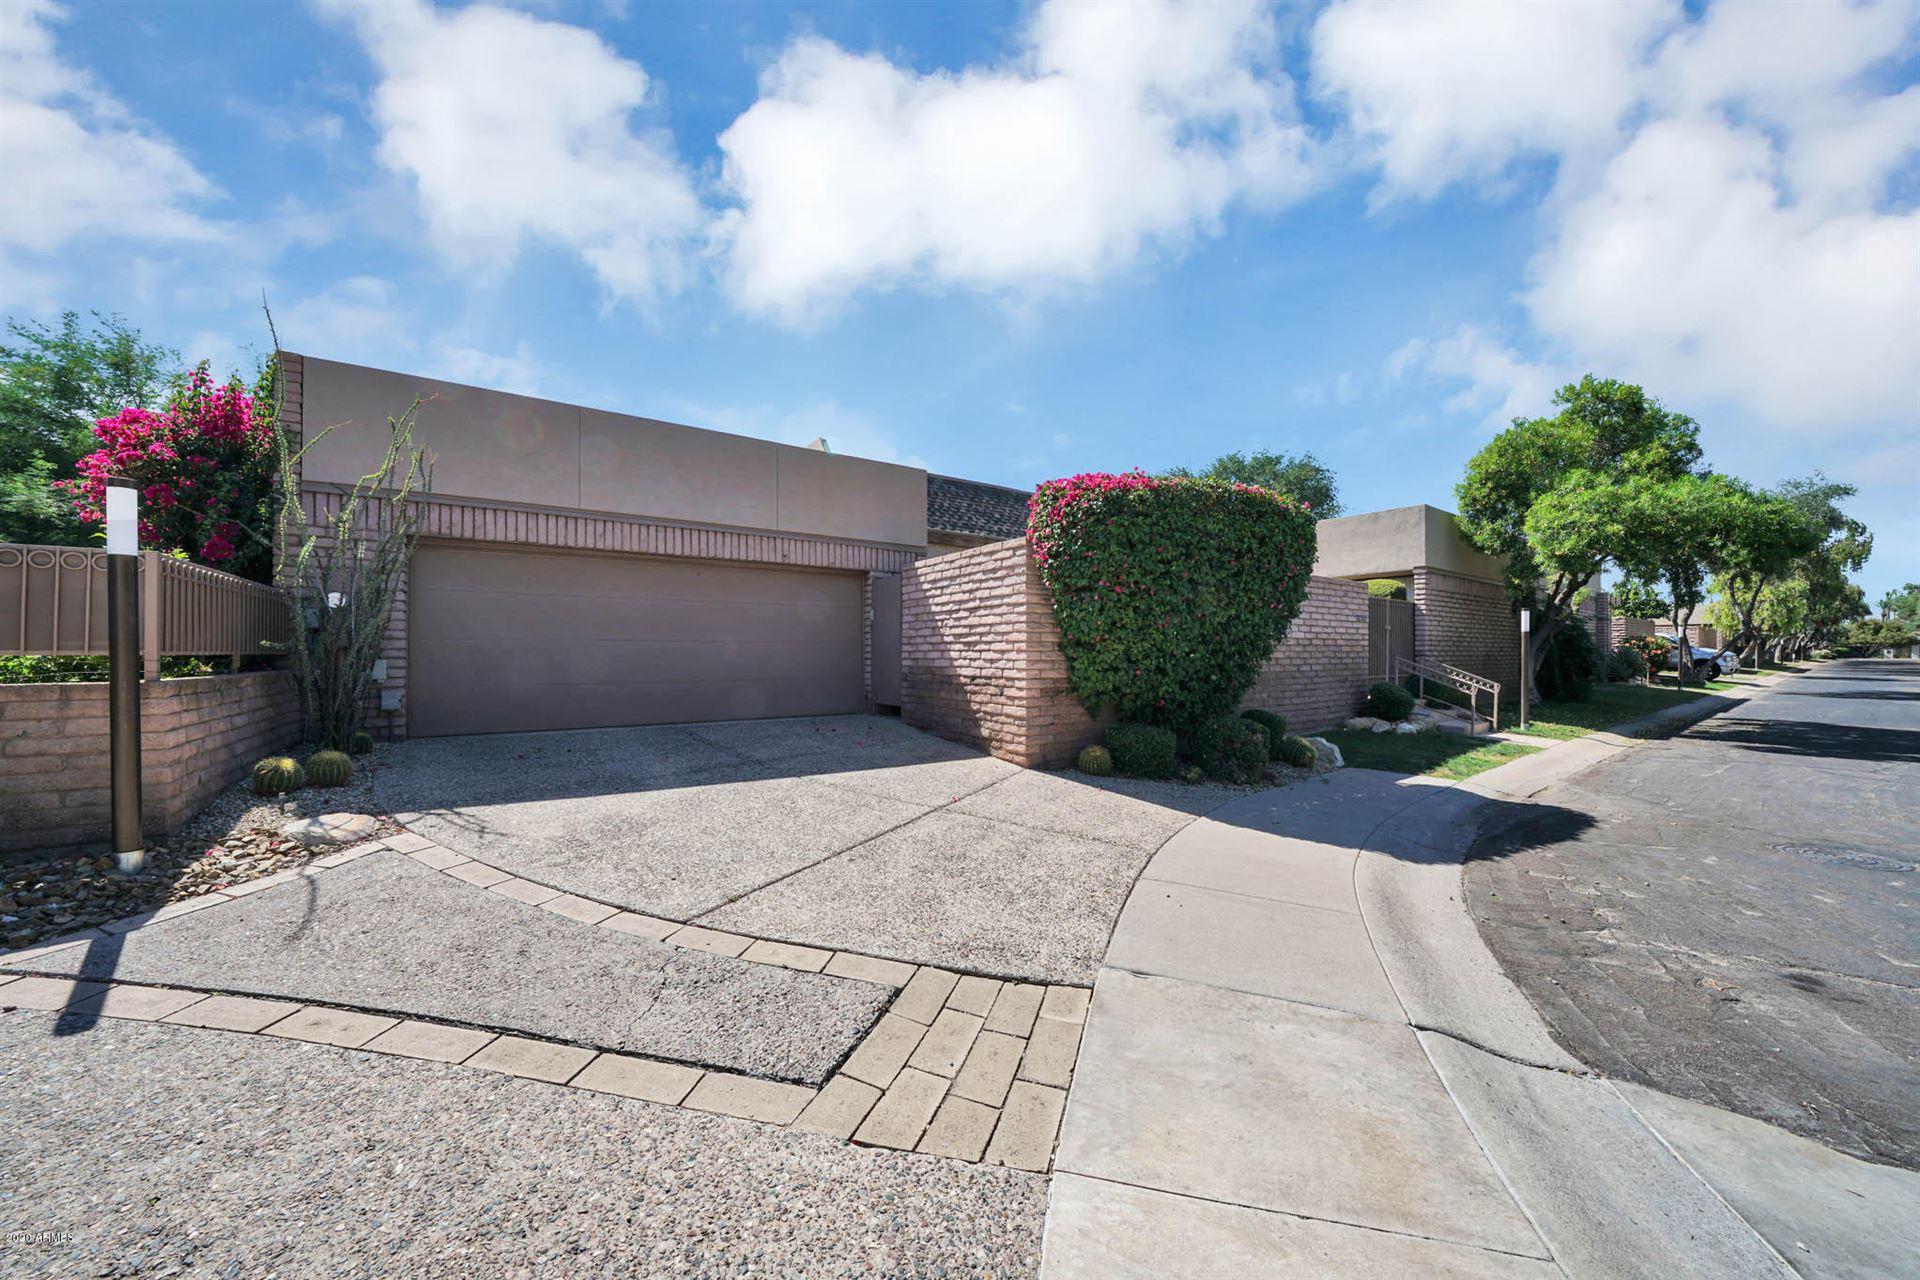 7044 N 11TH Drive, Phoenix, AZ 85021 - MLS#: 6077631